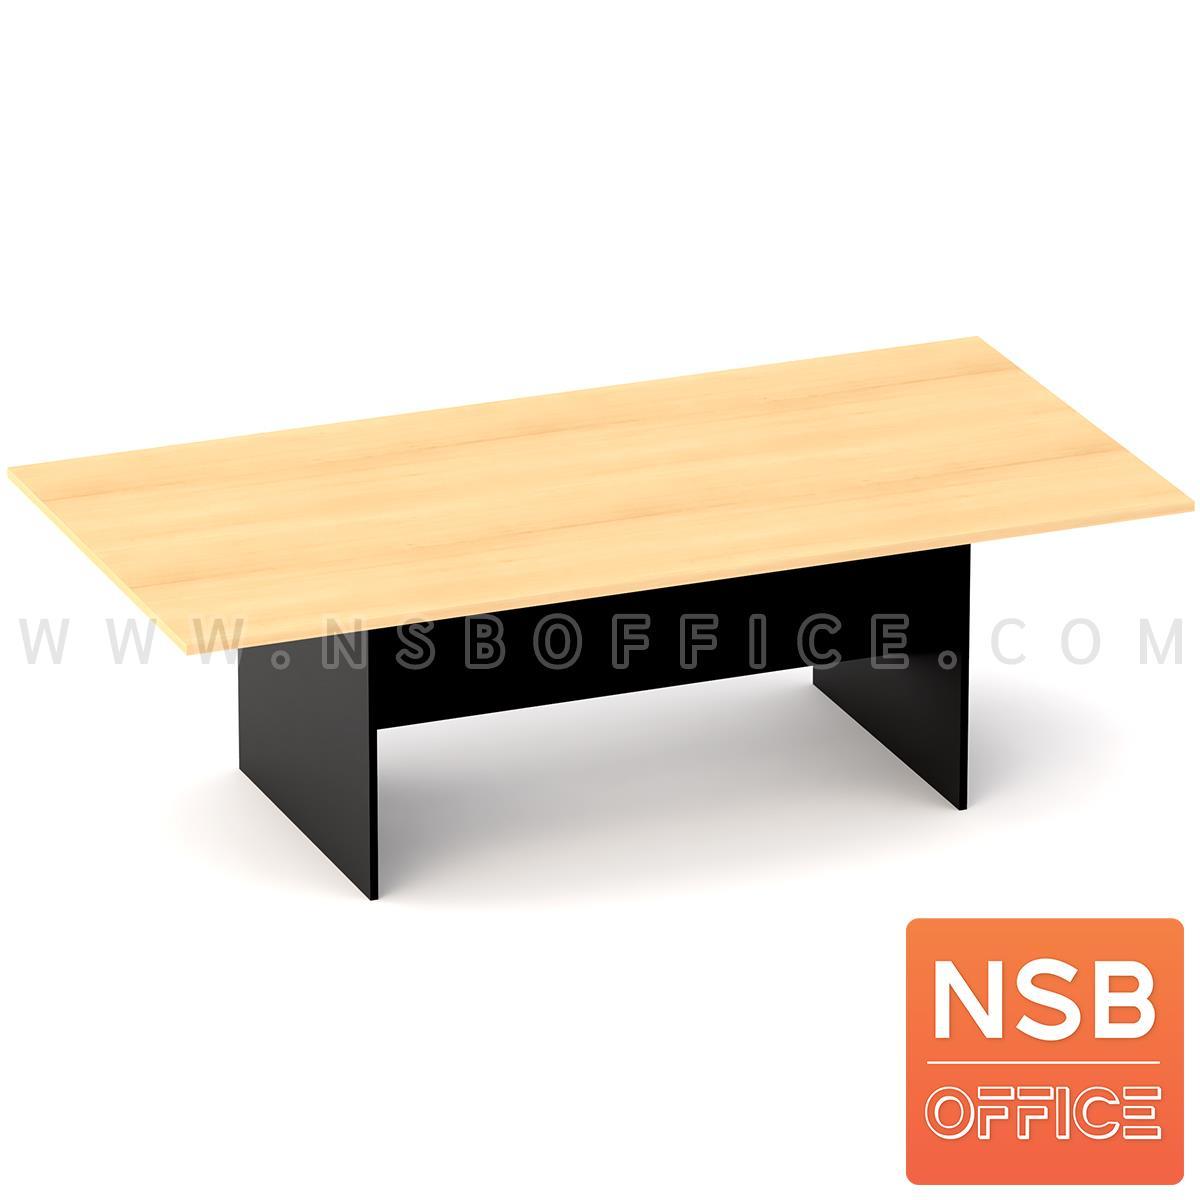 A05A002:โต๊ะประชุมทรงสี่เหลี่ยม   6 ,8 ,10 ที่นั่ง ขนาด 180W ,200W ,240W cm.  เมลามีน